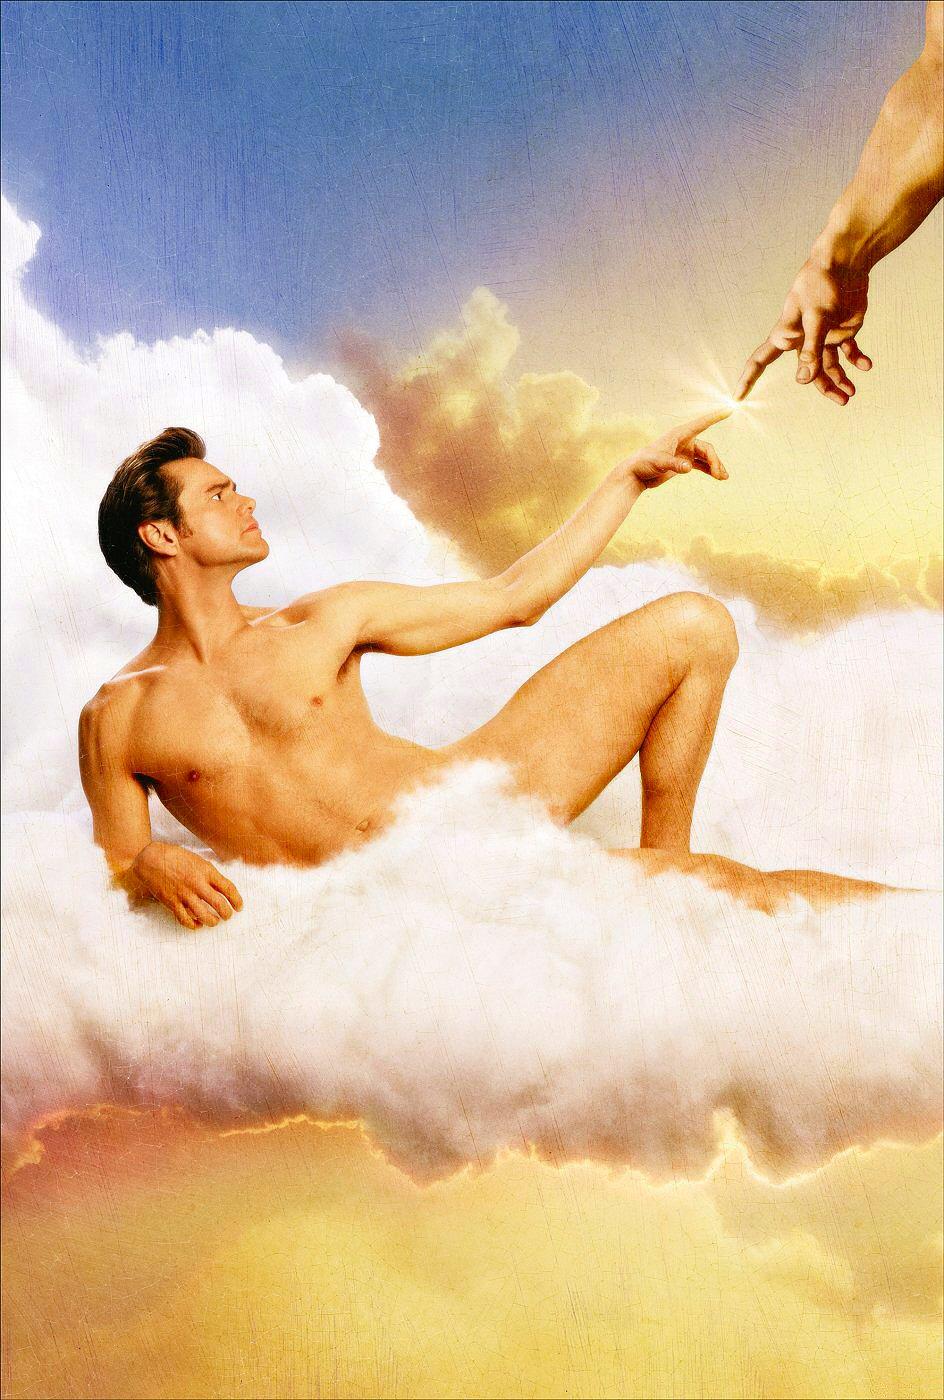 《反转人生》12的等待之后,依然是最好的伍仕贤 - 狐狸·梦见乌鸦 - 埋骨之地